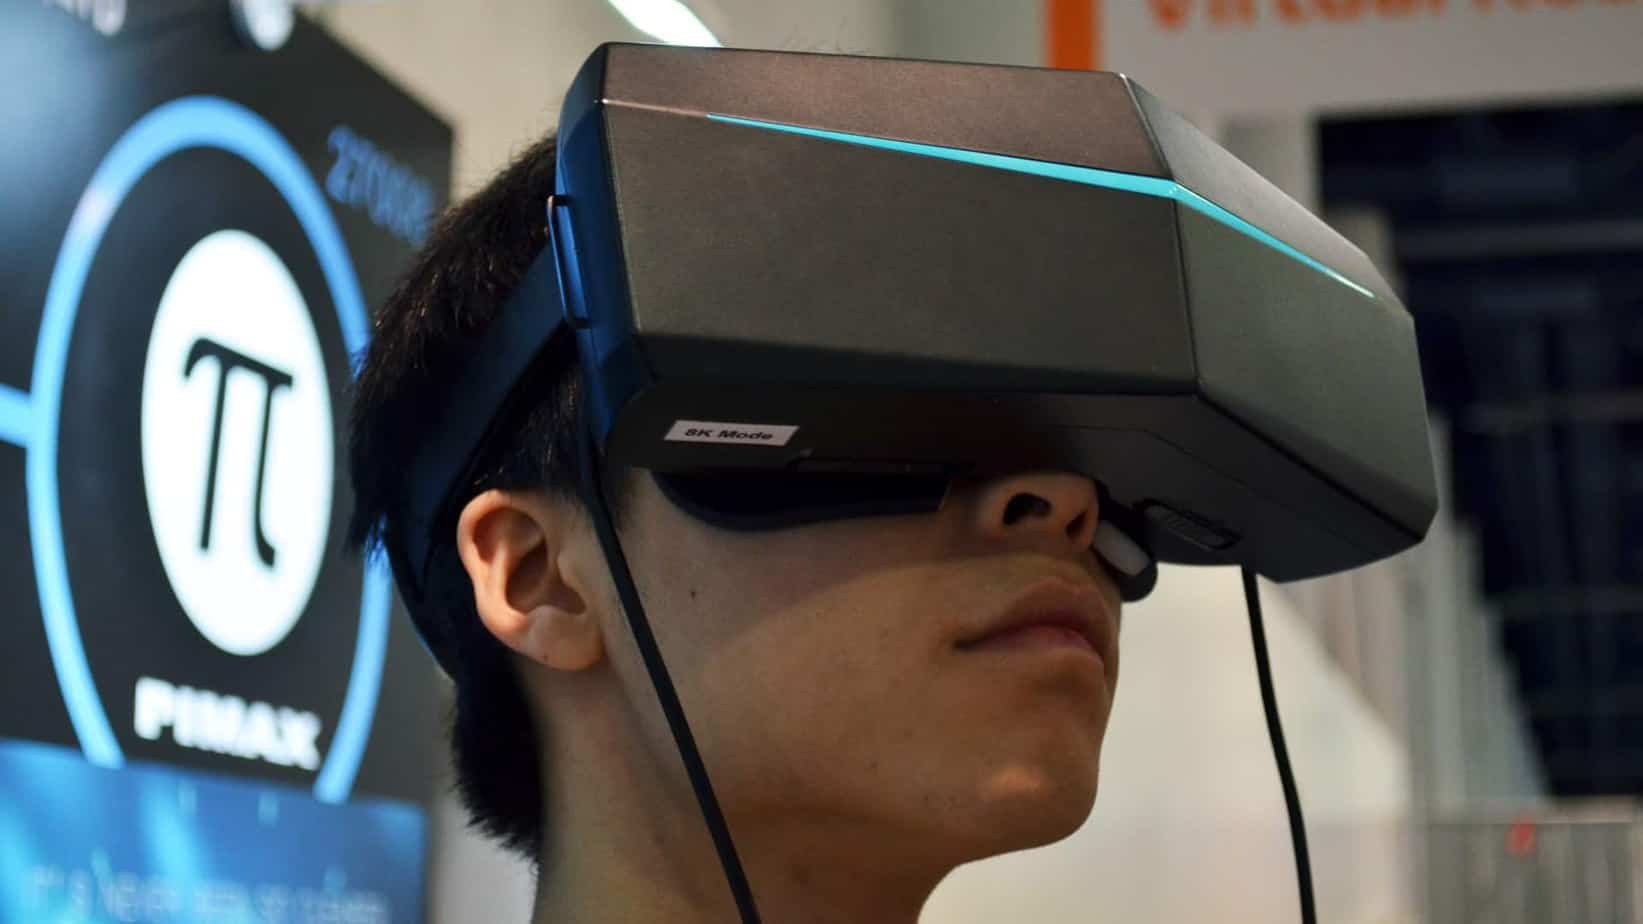 Primax 8K VR headset